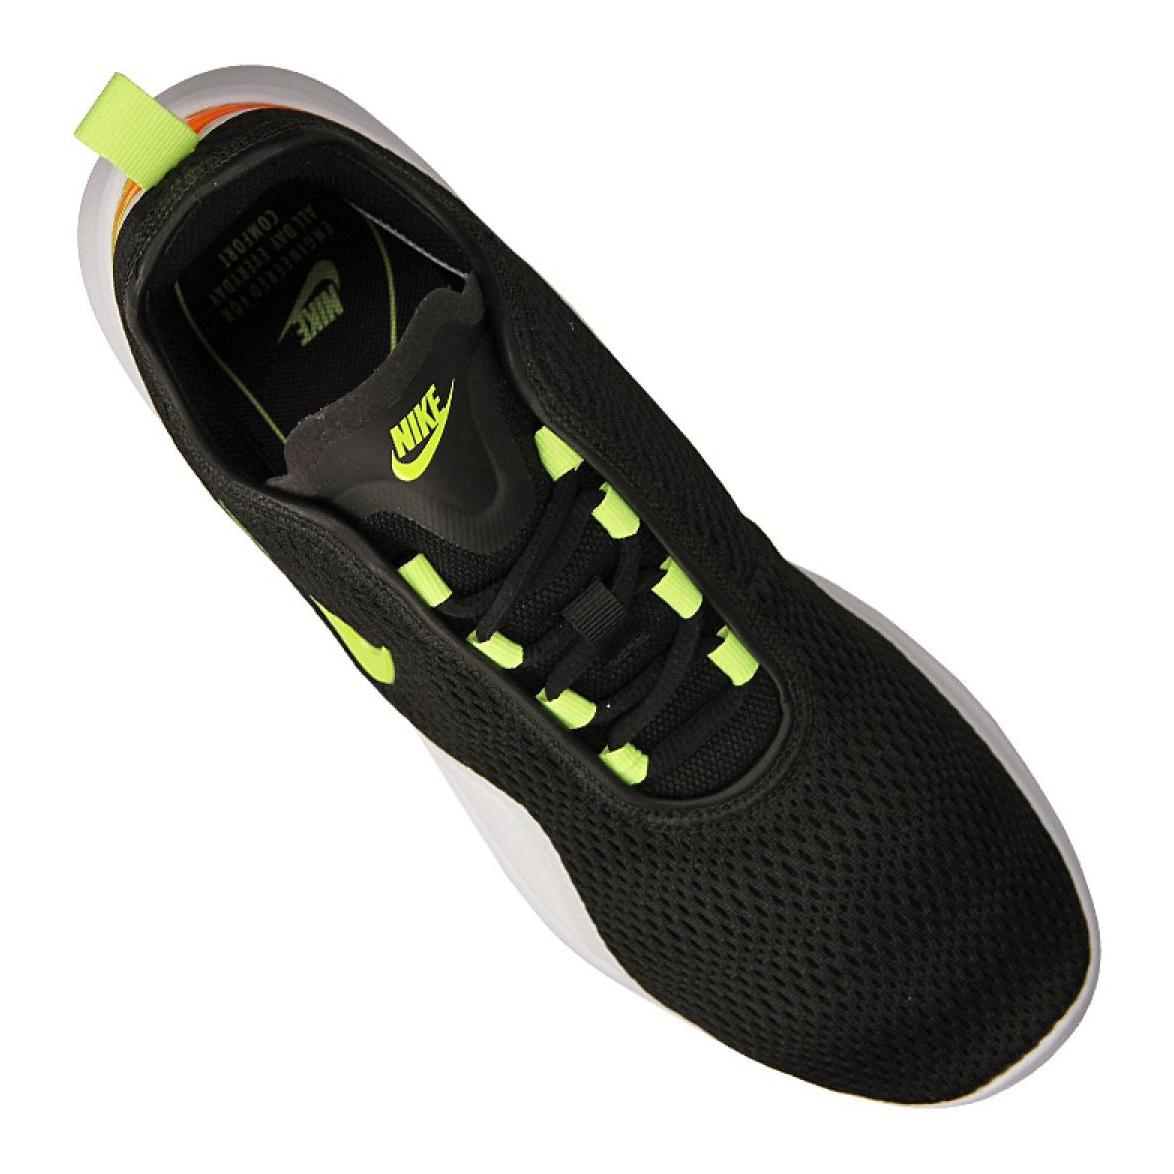 Nike Air Max Motion 2 M AO0266 007 skor svart